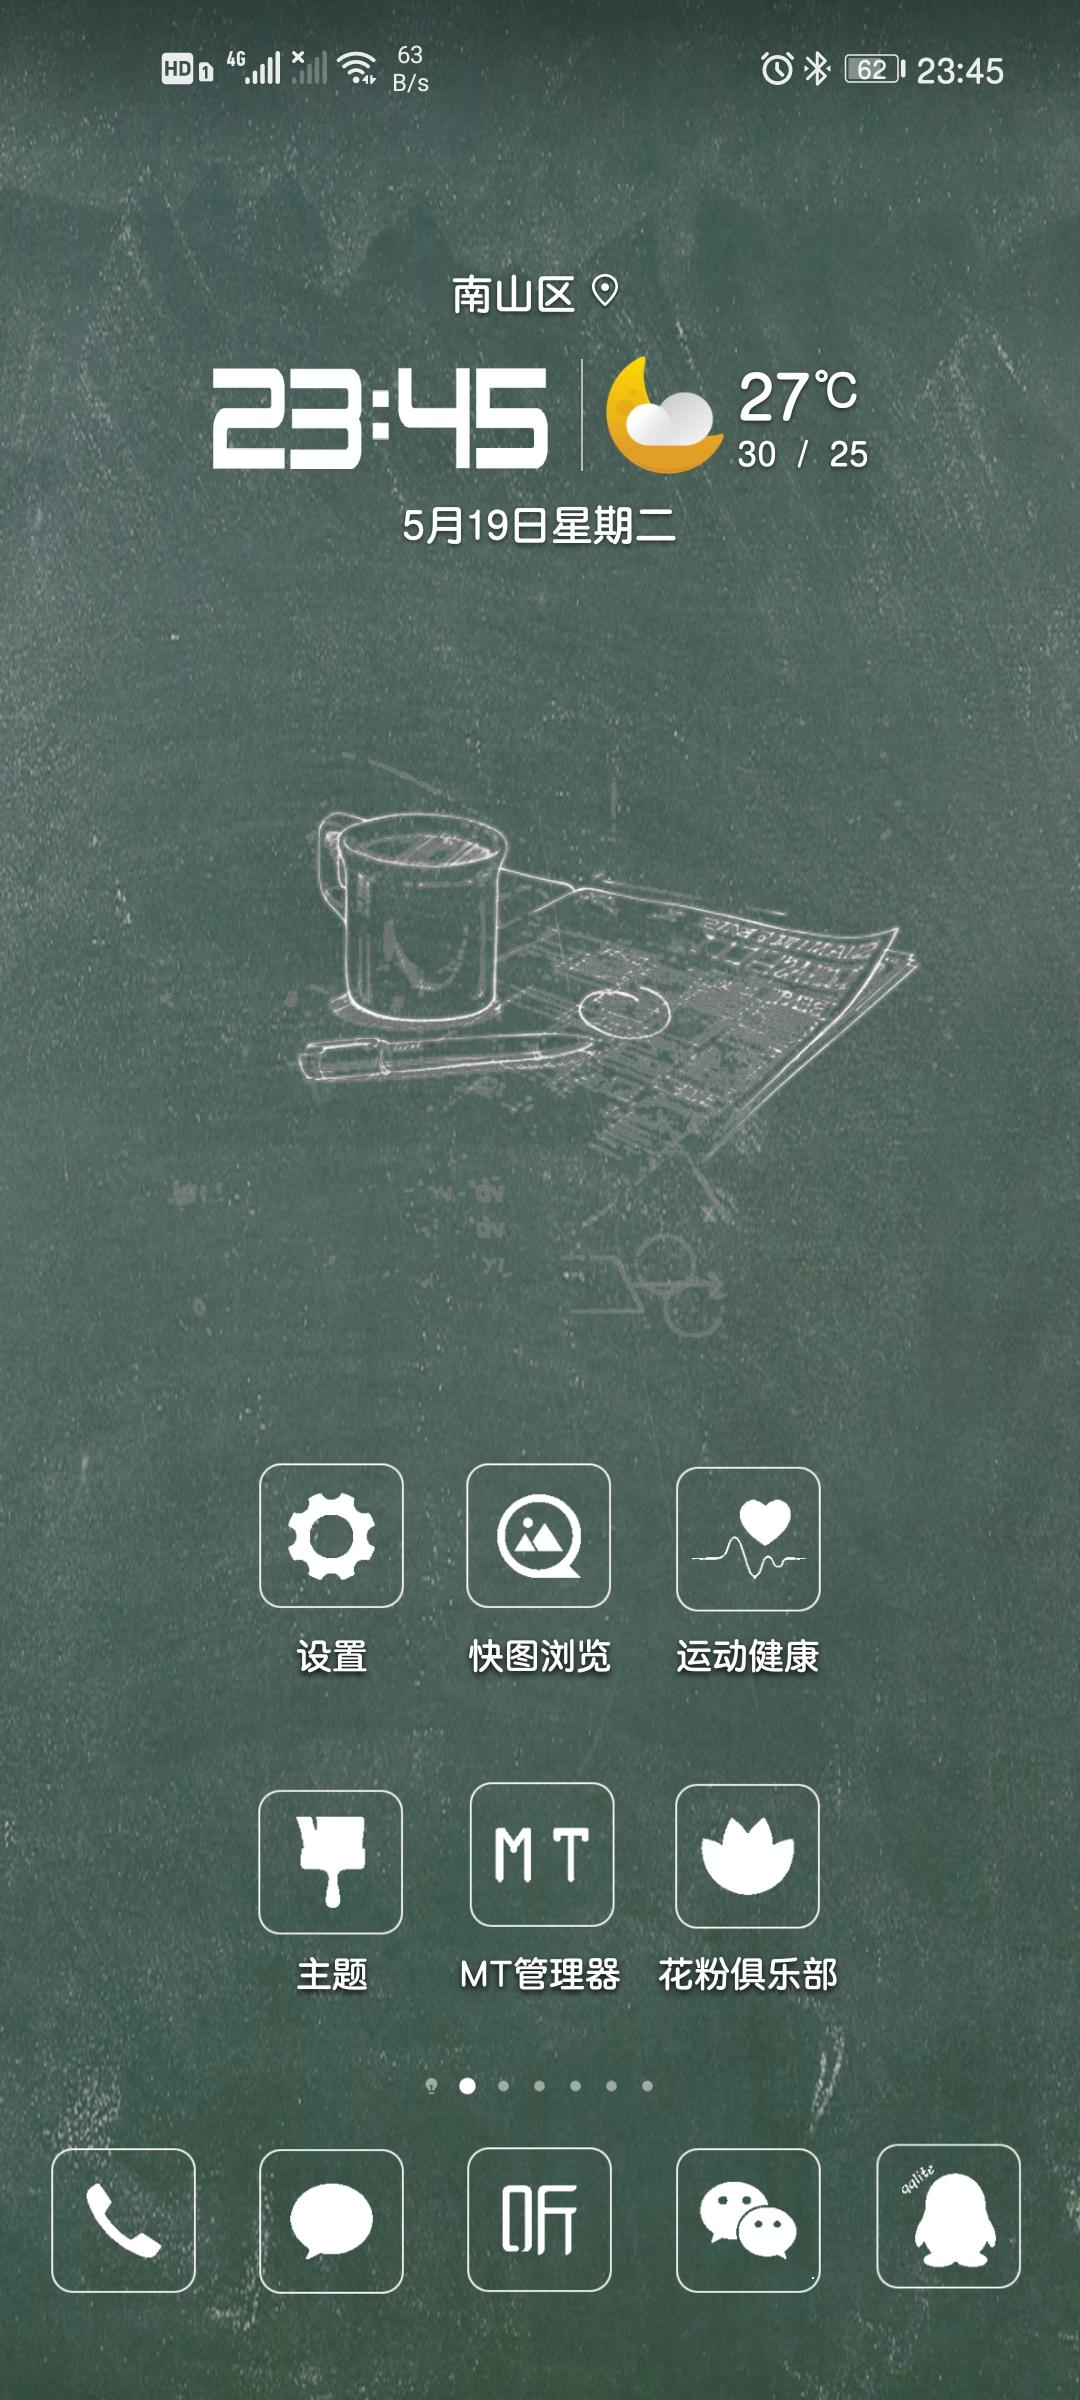 Screenshot_20200519_234503_com.huawei.android.launcher.jpg